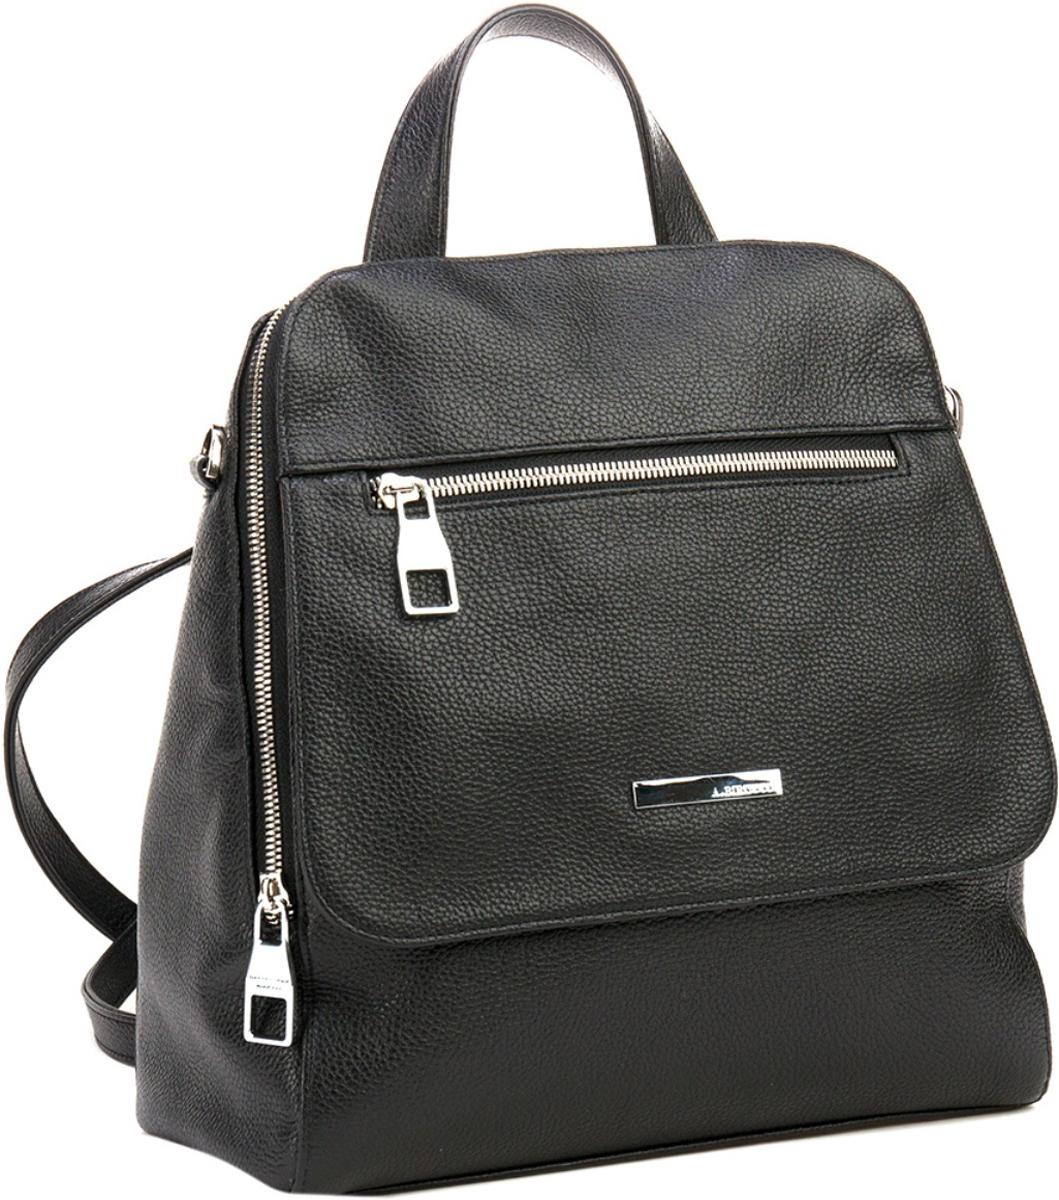 Сумка-рюкзак женская Alessandro Birutti, цвет: черный. 4048